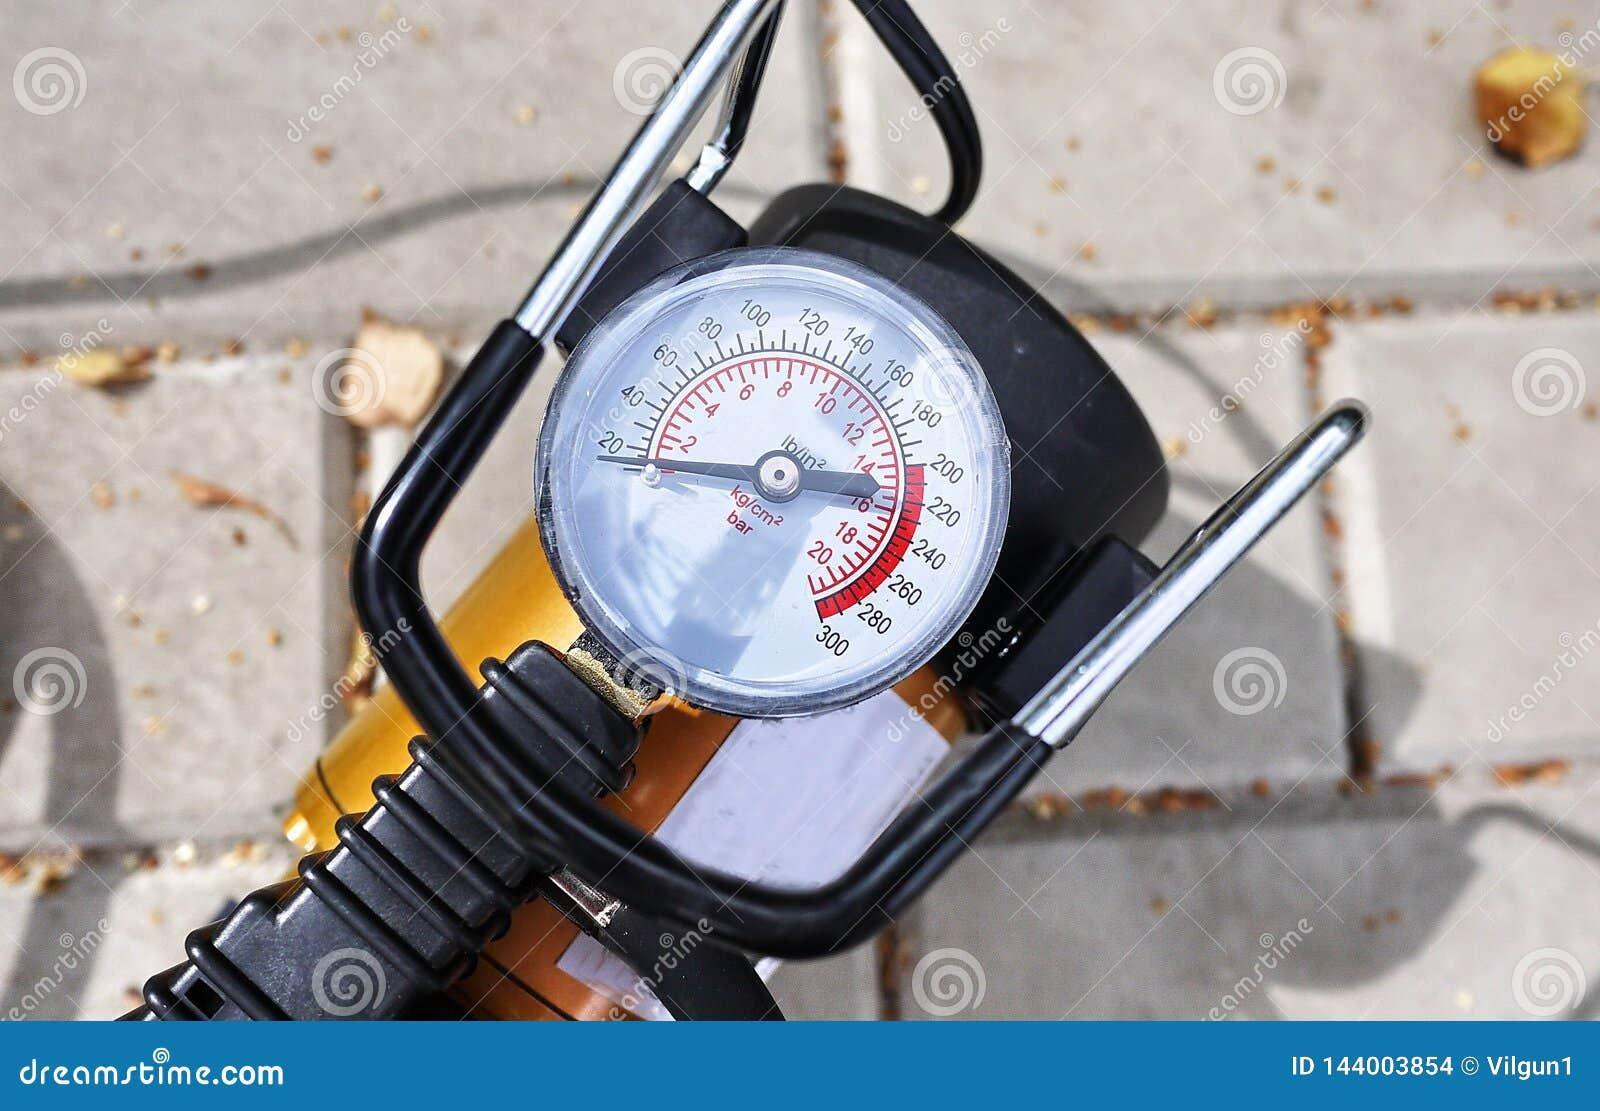 Samochód pompa Automatyczny samochodowy kompresor pomaga ciebie nie tylko ale także pompuje piłkę pompowy powietrze w kołach twój